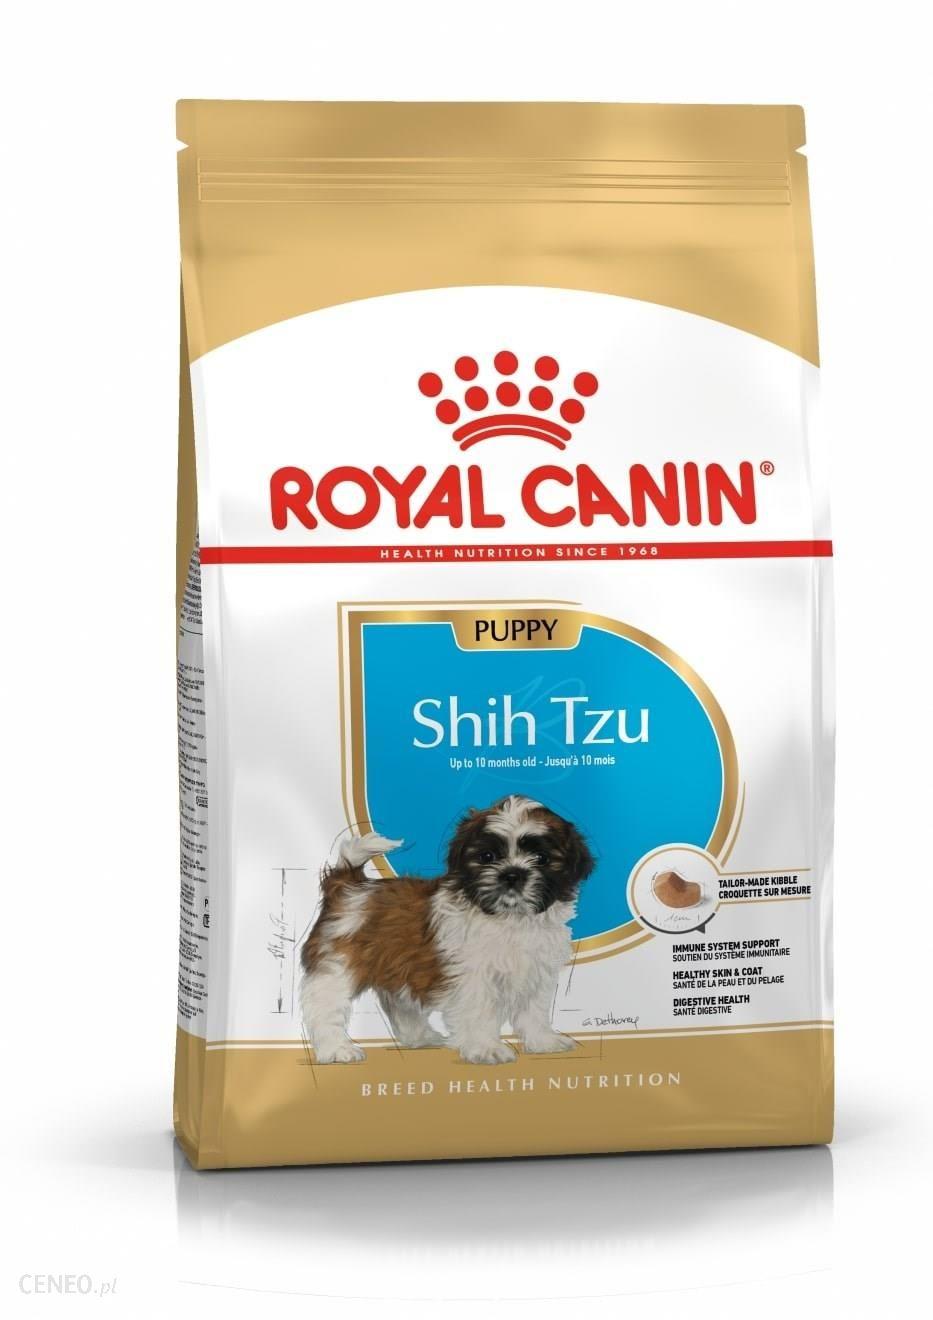 Royal Canin Shih Tzu Puppy 1